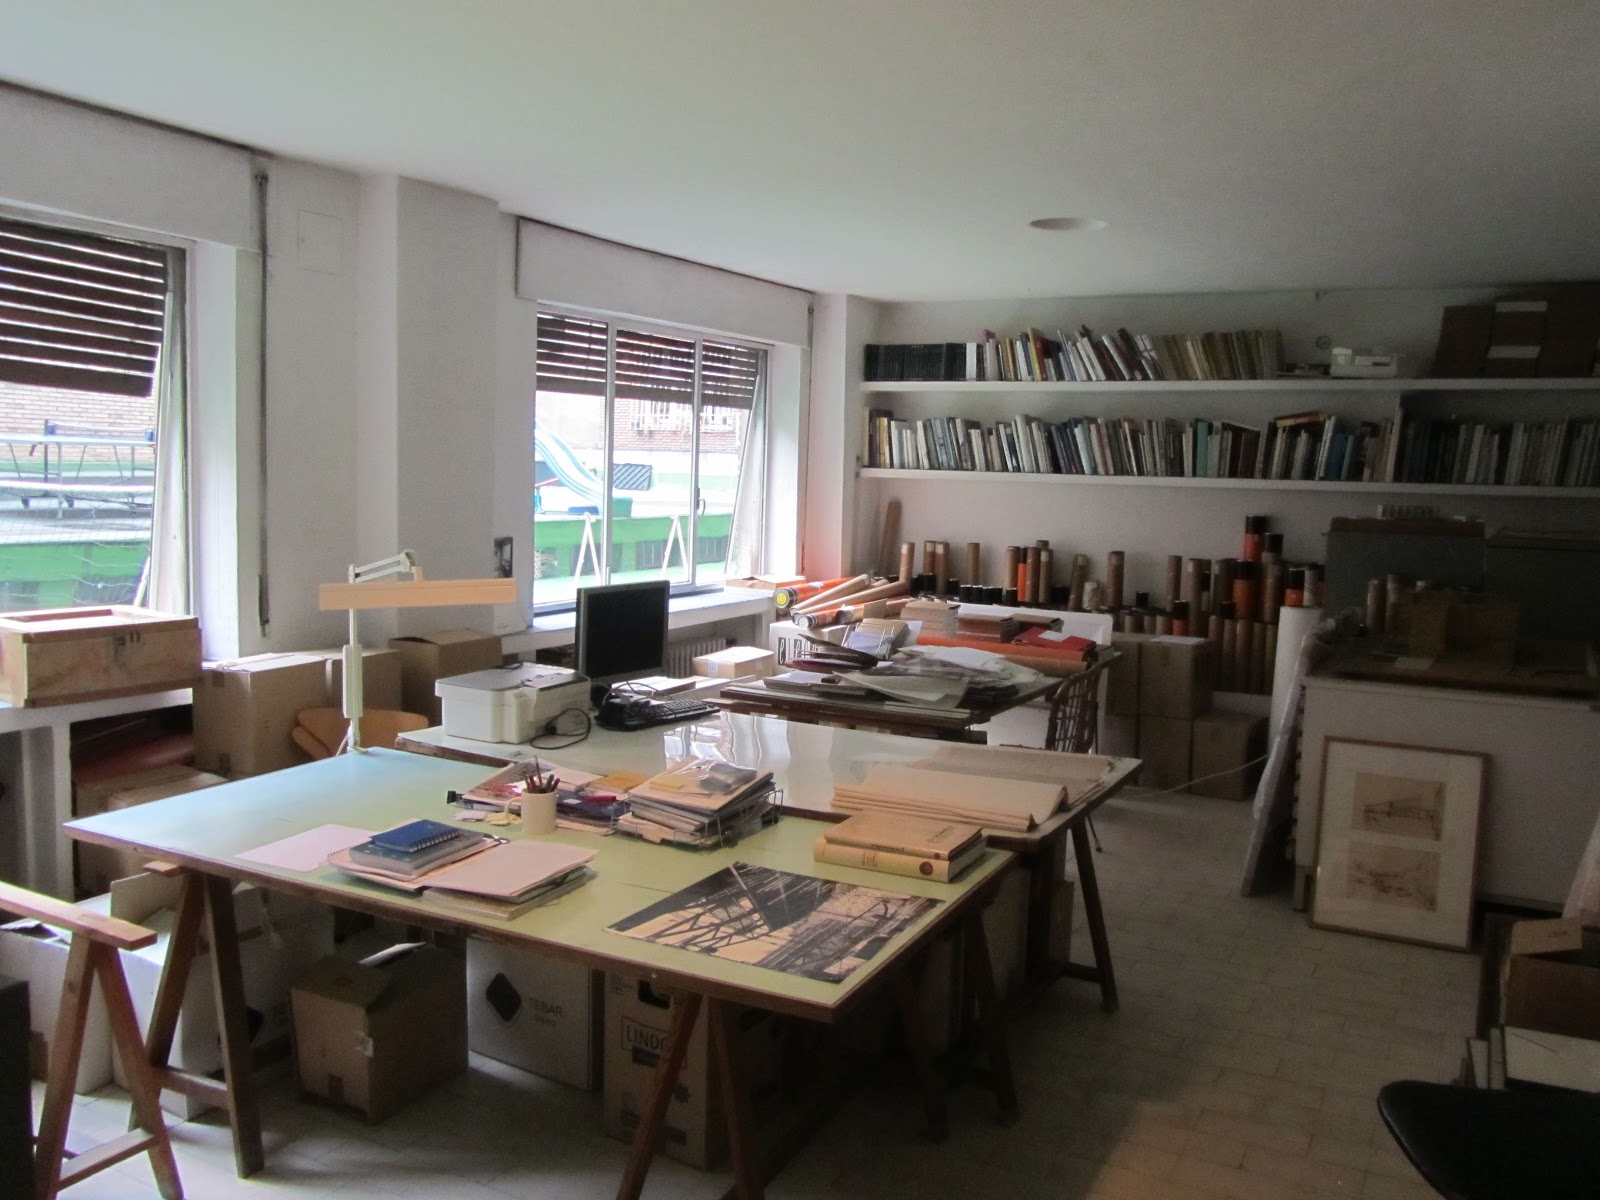 Arquitectura medio rural v articulos sobre arquitectura - Estudio 3 arquitectos ...